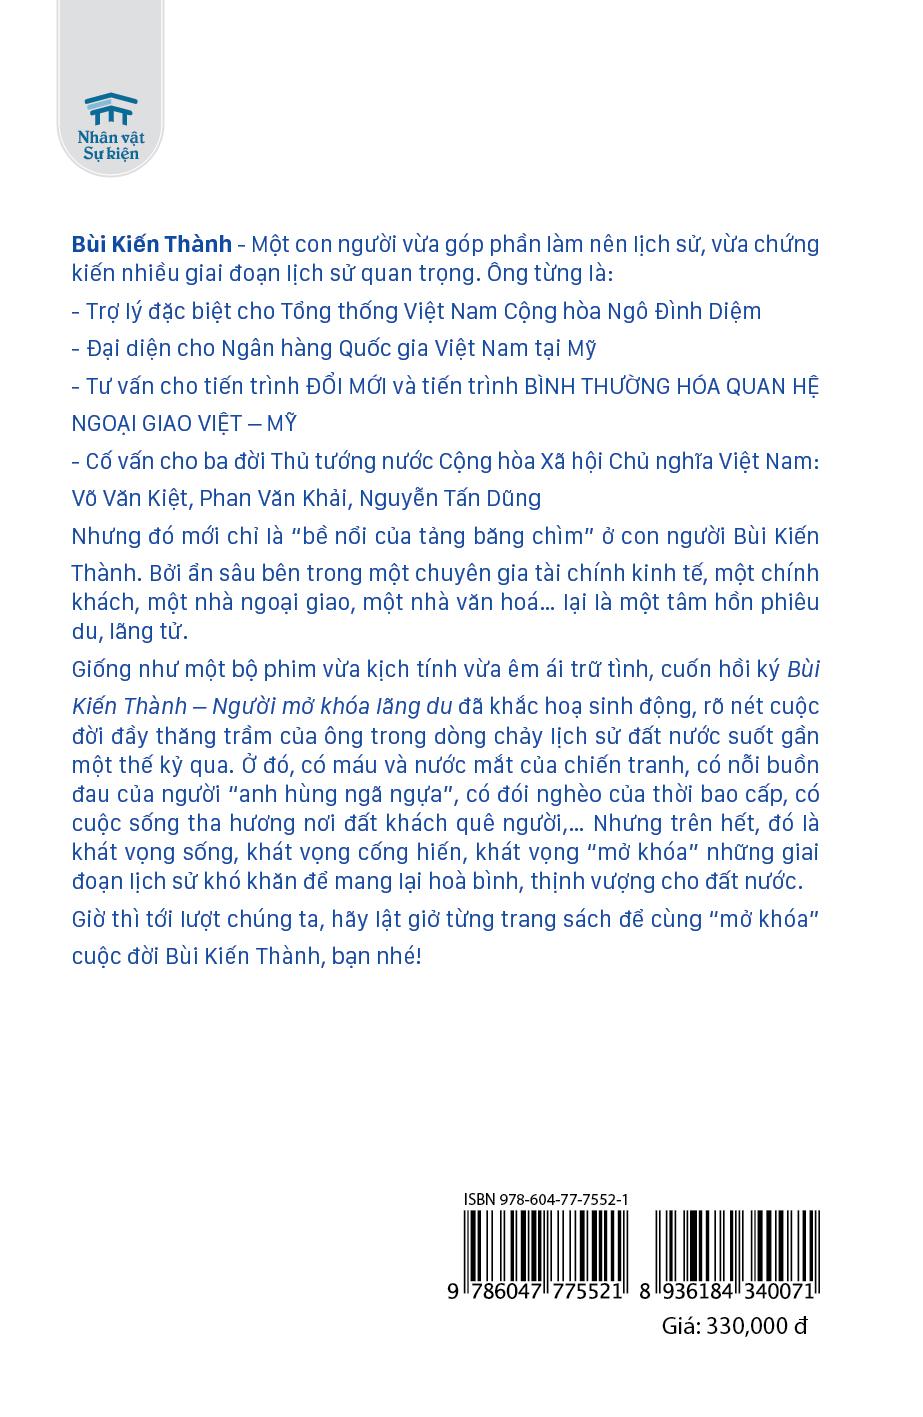 Hoi ky Bui Kien Thanh ban dac biet-bìa 4